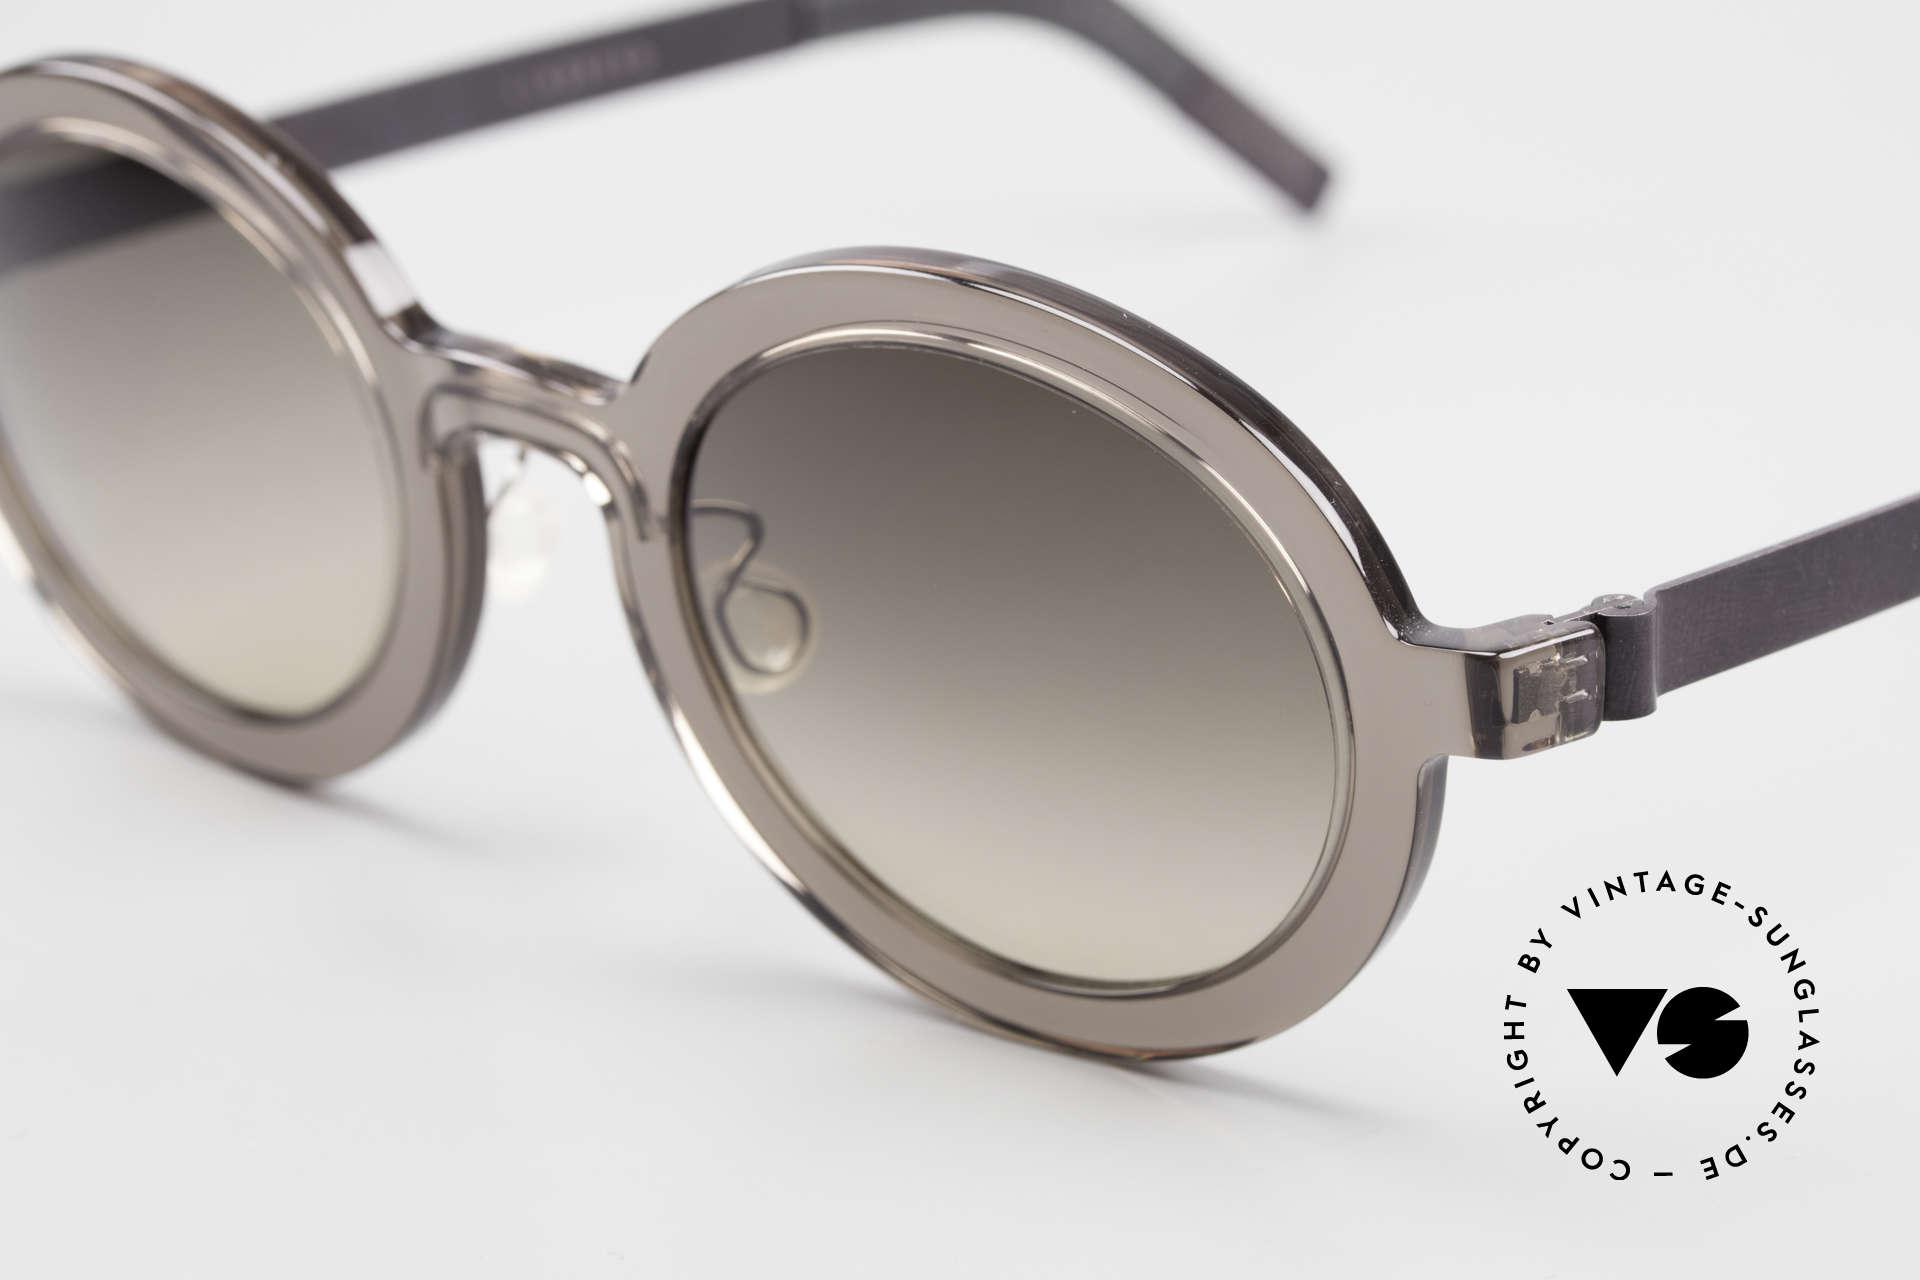 """Lindberg 8570 Acetanium Oval Runde Sonnenbrille Unisex, so zeitlos, stilvoll und innovativ = Prädikat """"VINTAGE"""", Passend für Herren und Damen"""